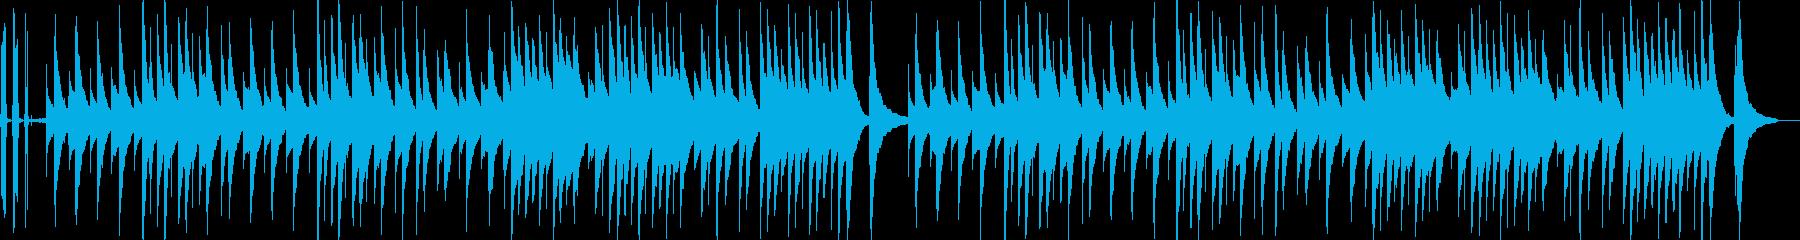 ジムノペディのオルゴール音源ネジの音付きの再生済みの波形